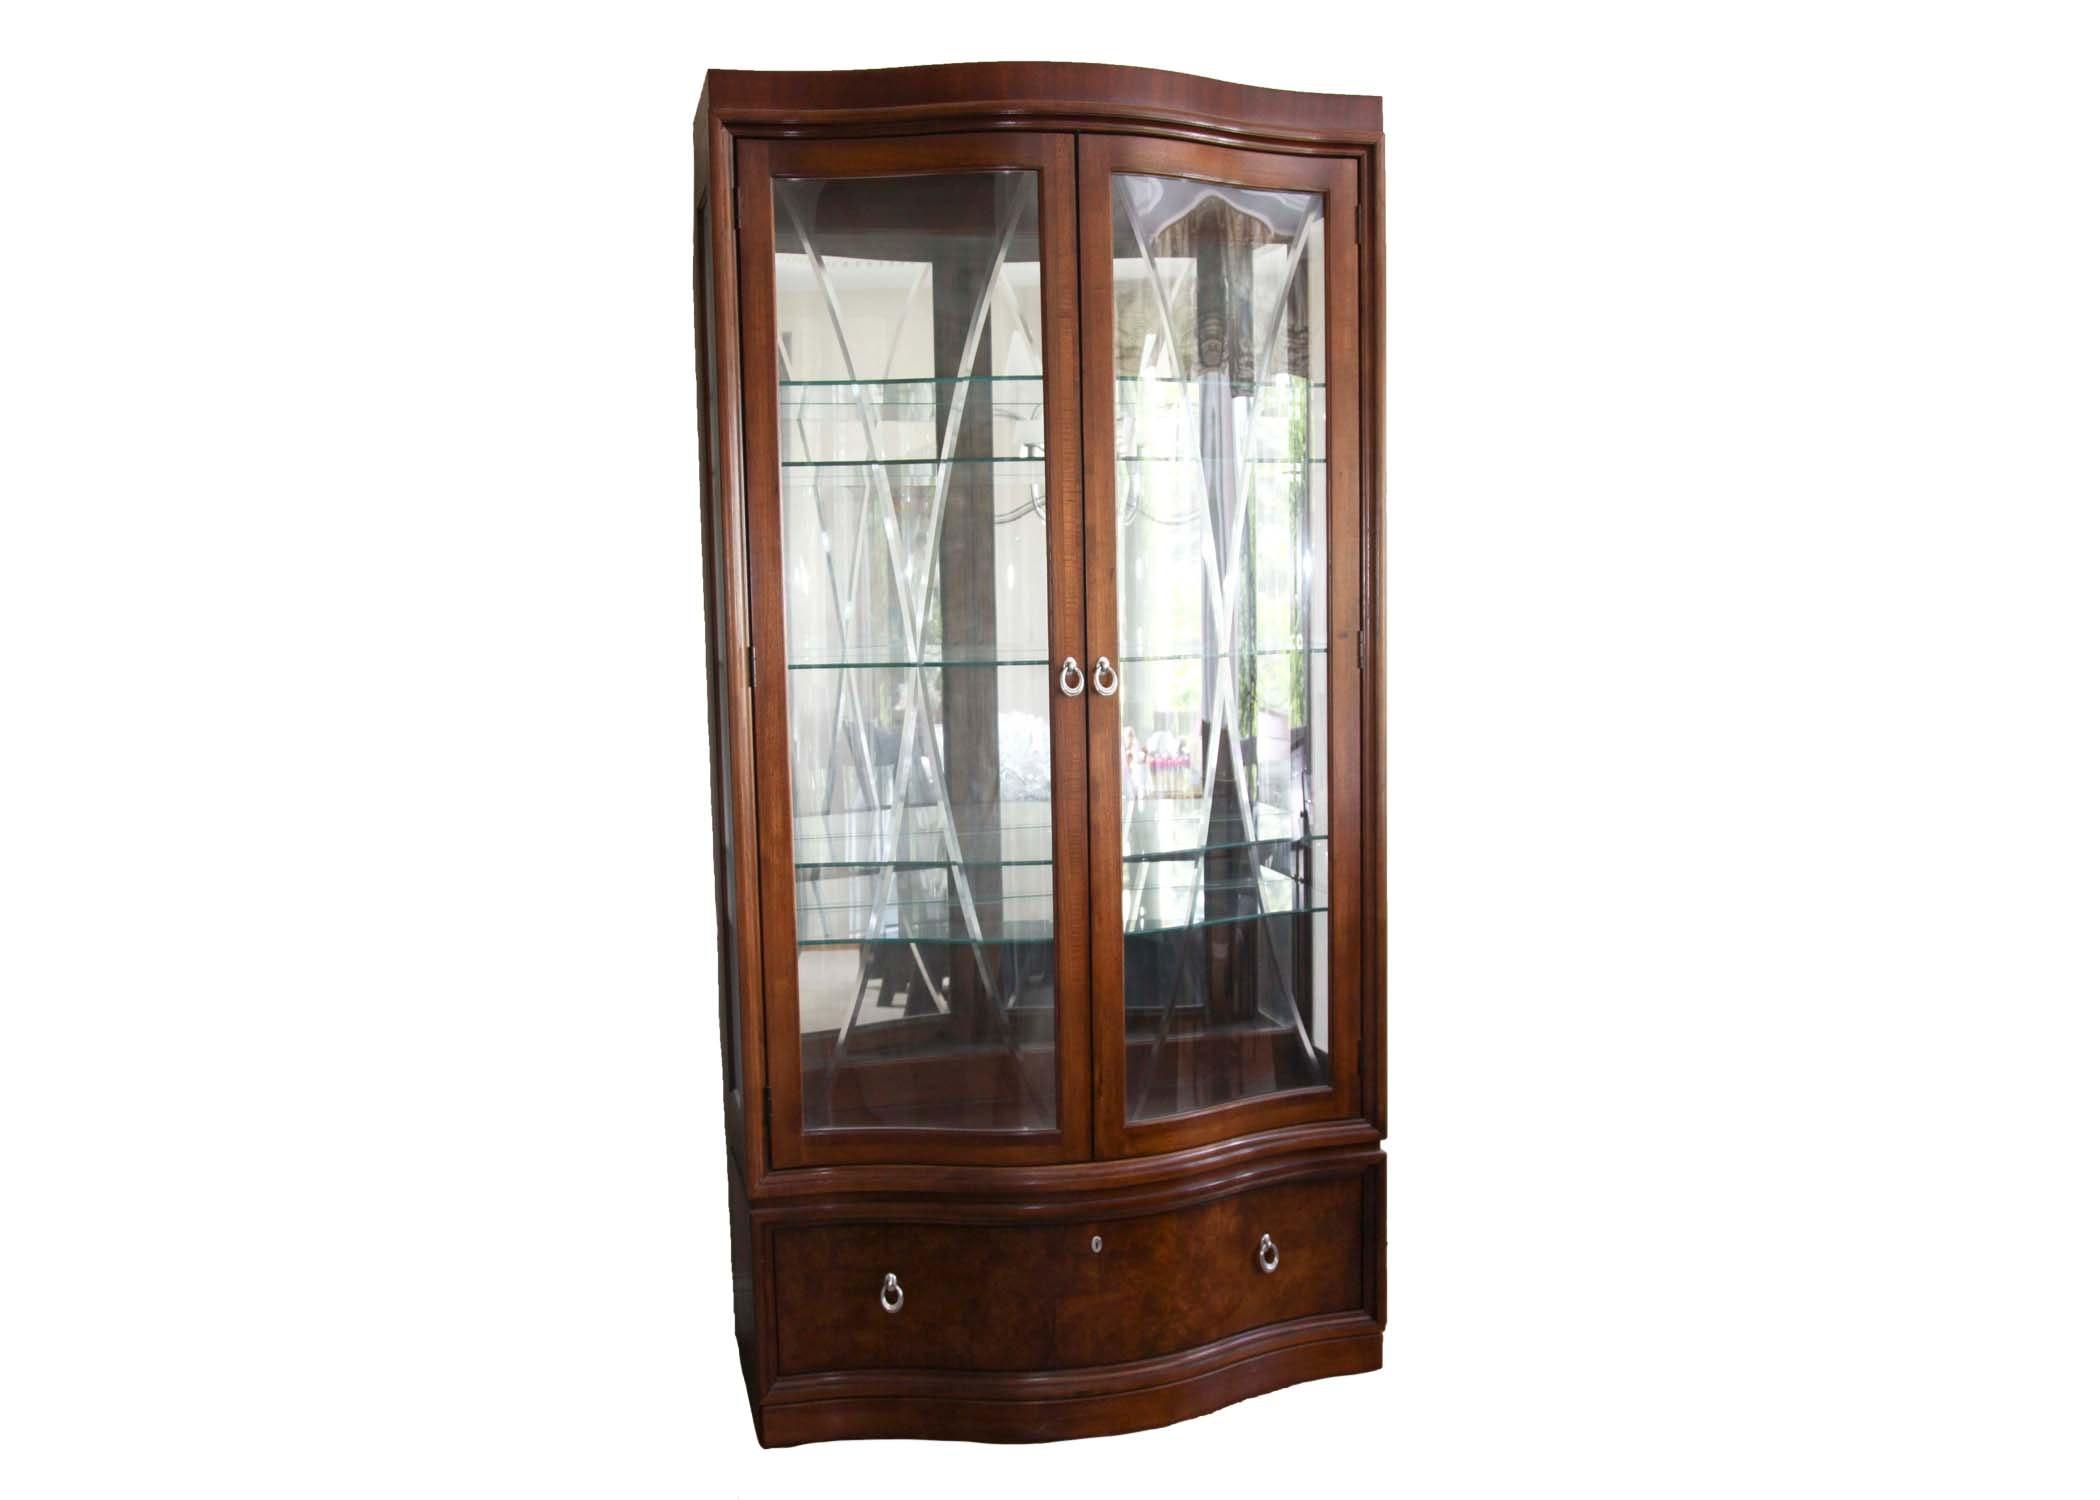 thomasville curio cabinet : ebth